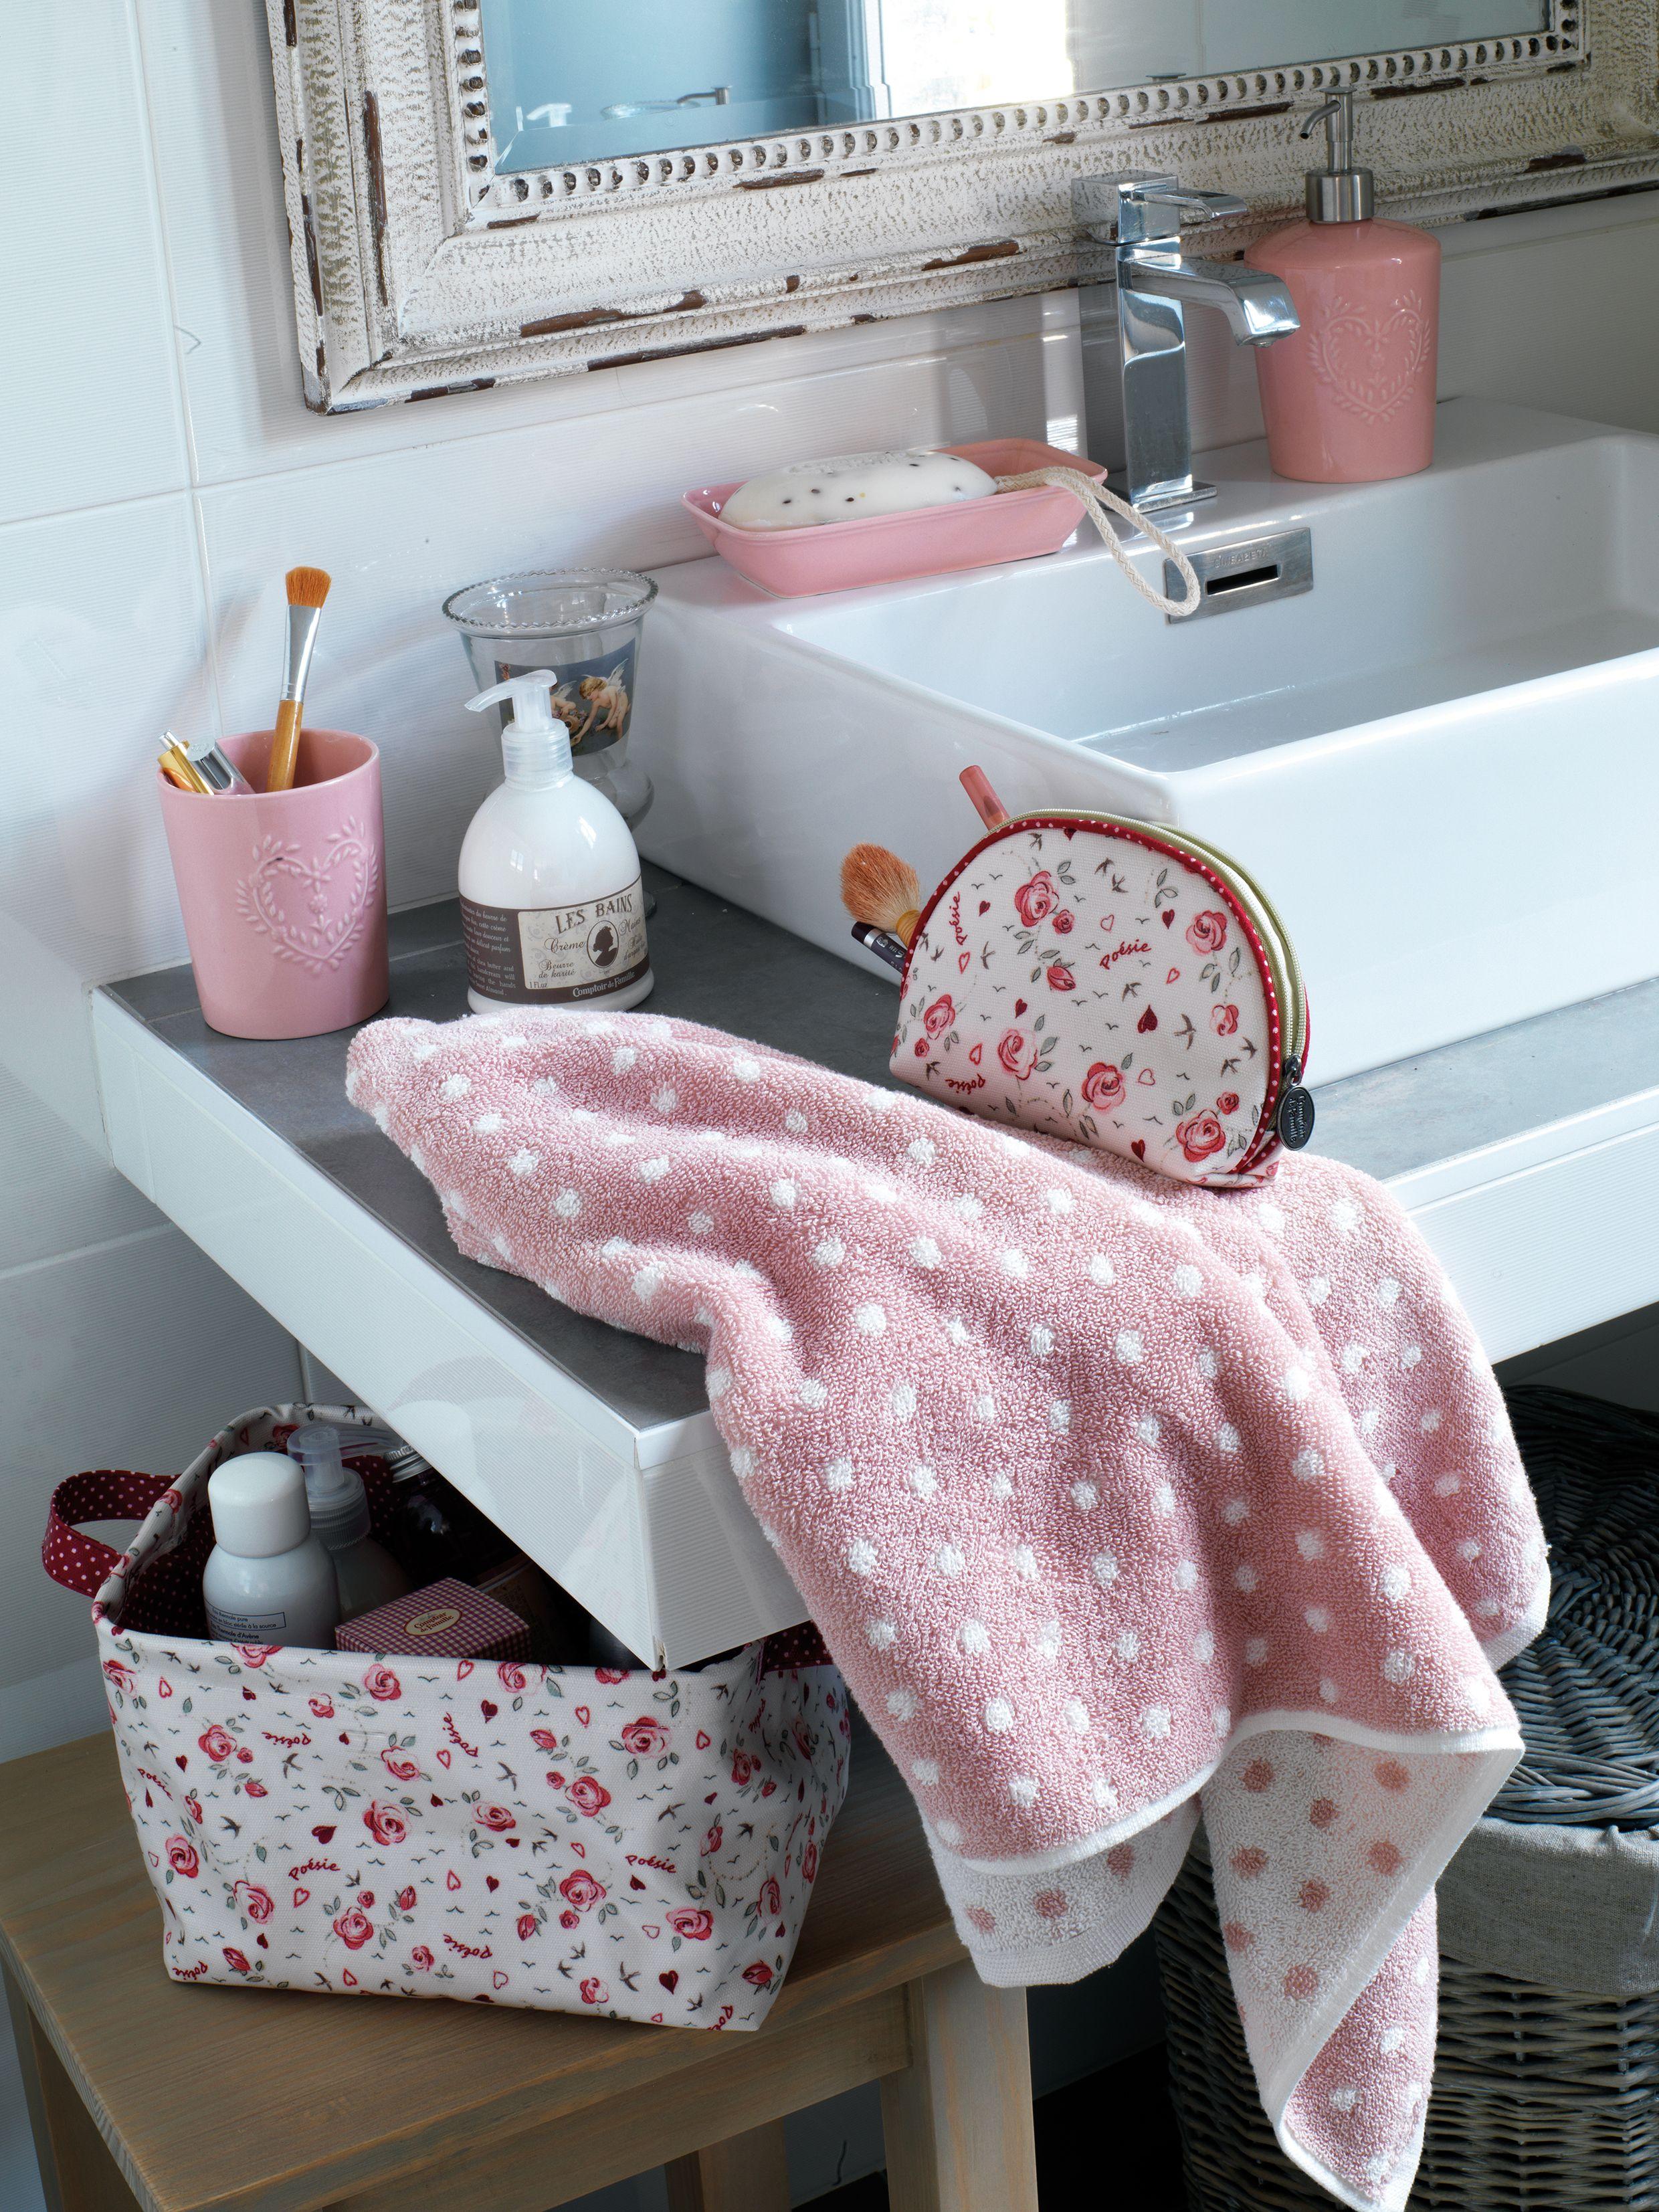 Eponge confettis ivoire et rose avec corbeille et pochette linette et accessoires de salle de - Accessoire de salle de bain rose mauve ...